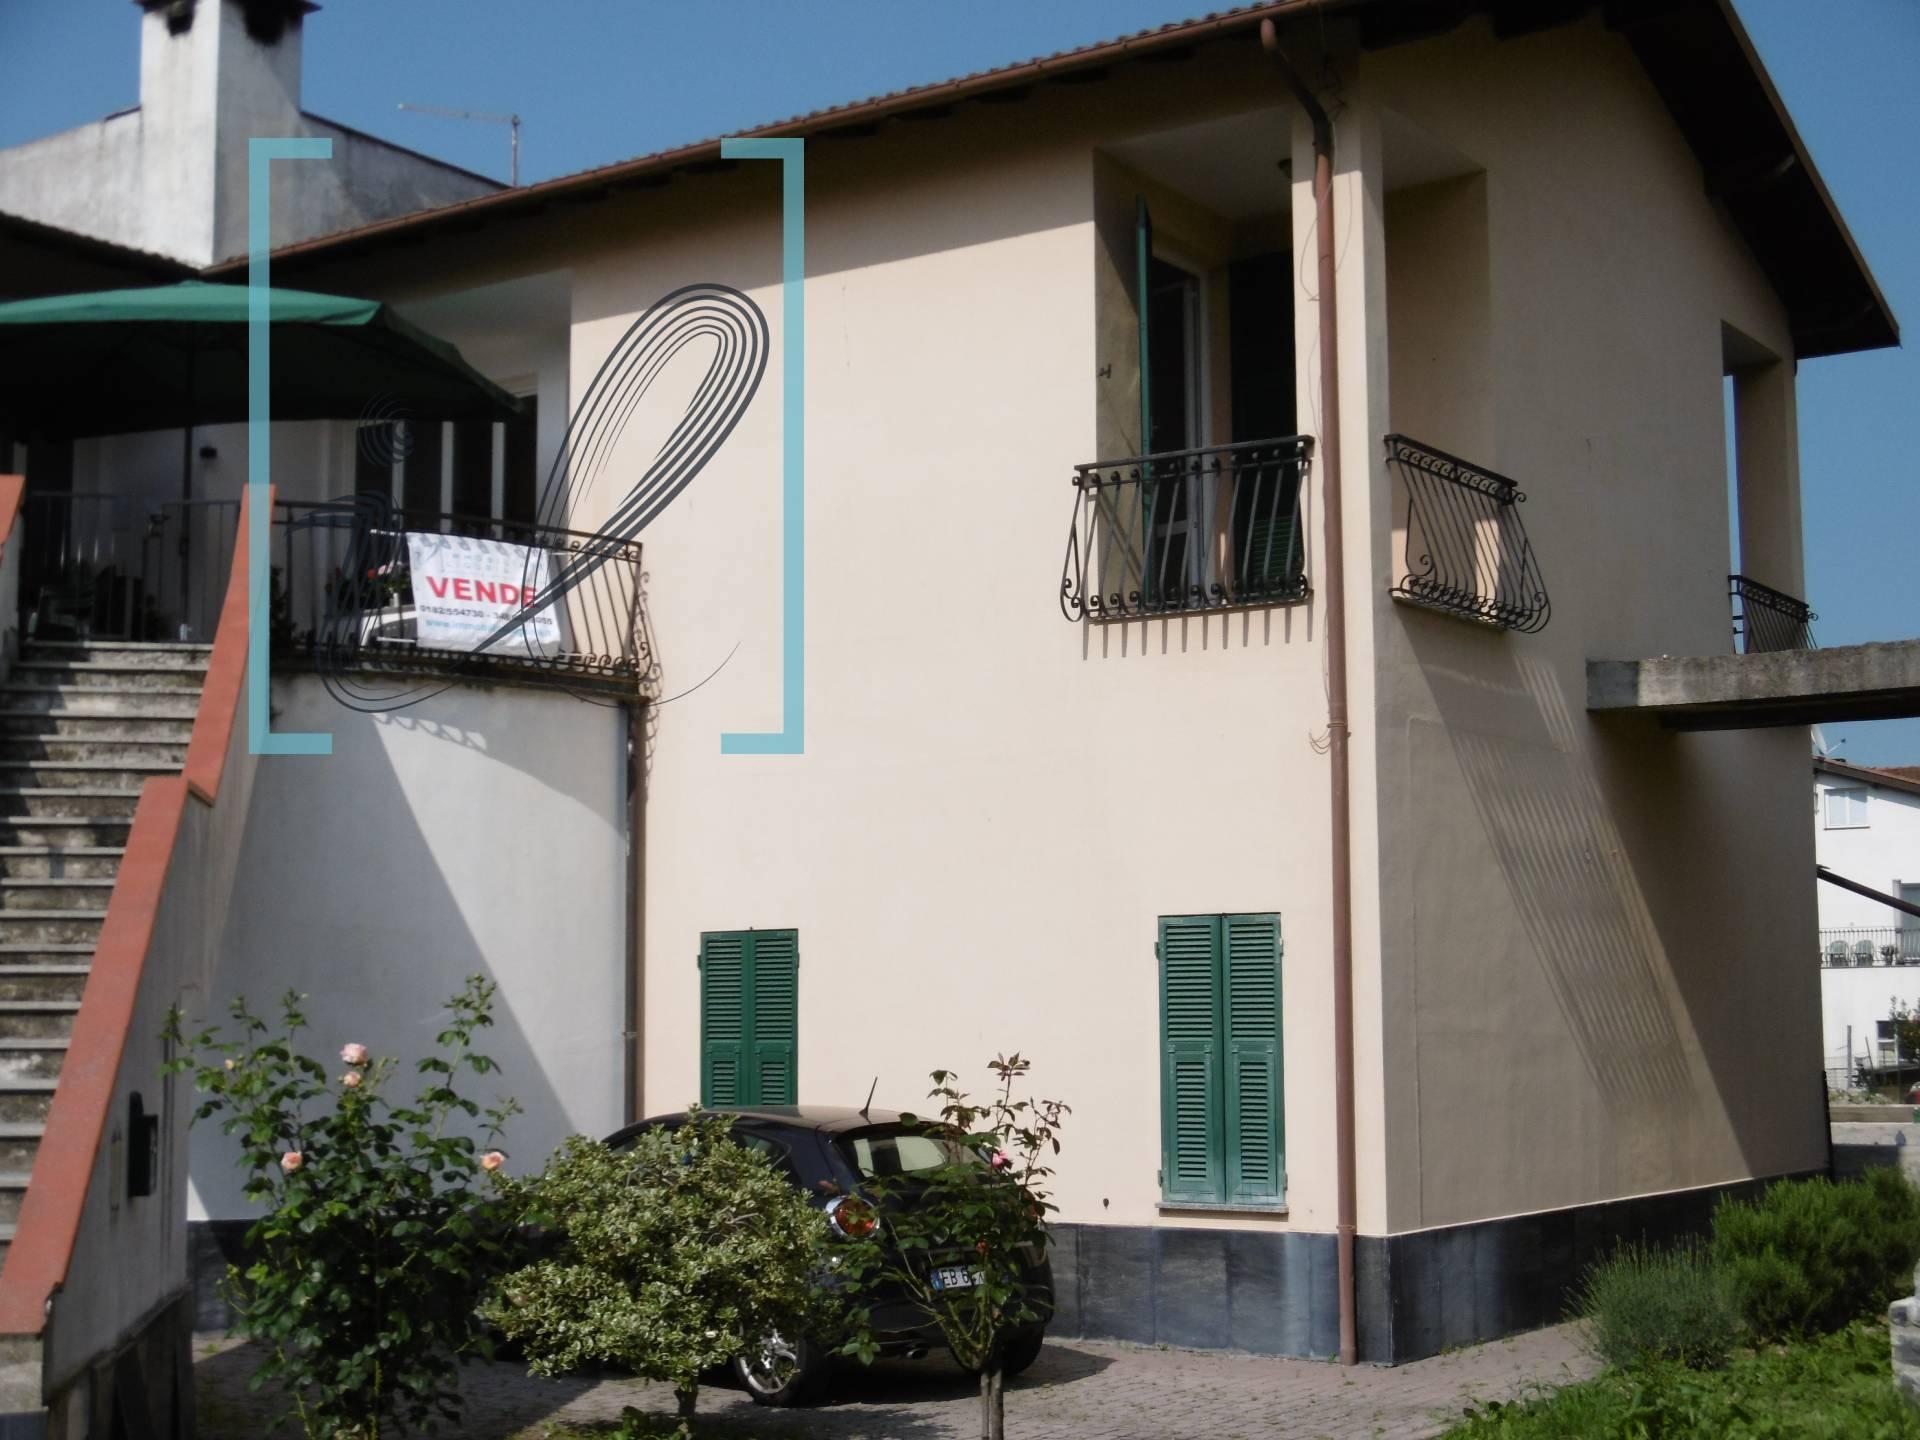 Appartamento in vendita a Vessalico, 4 locali, prezzo € 138.000 | CambioCasa.it